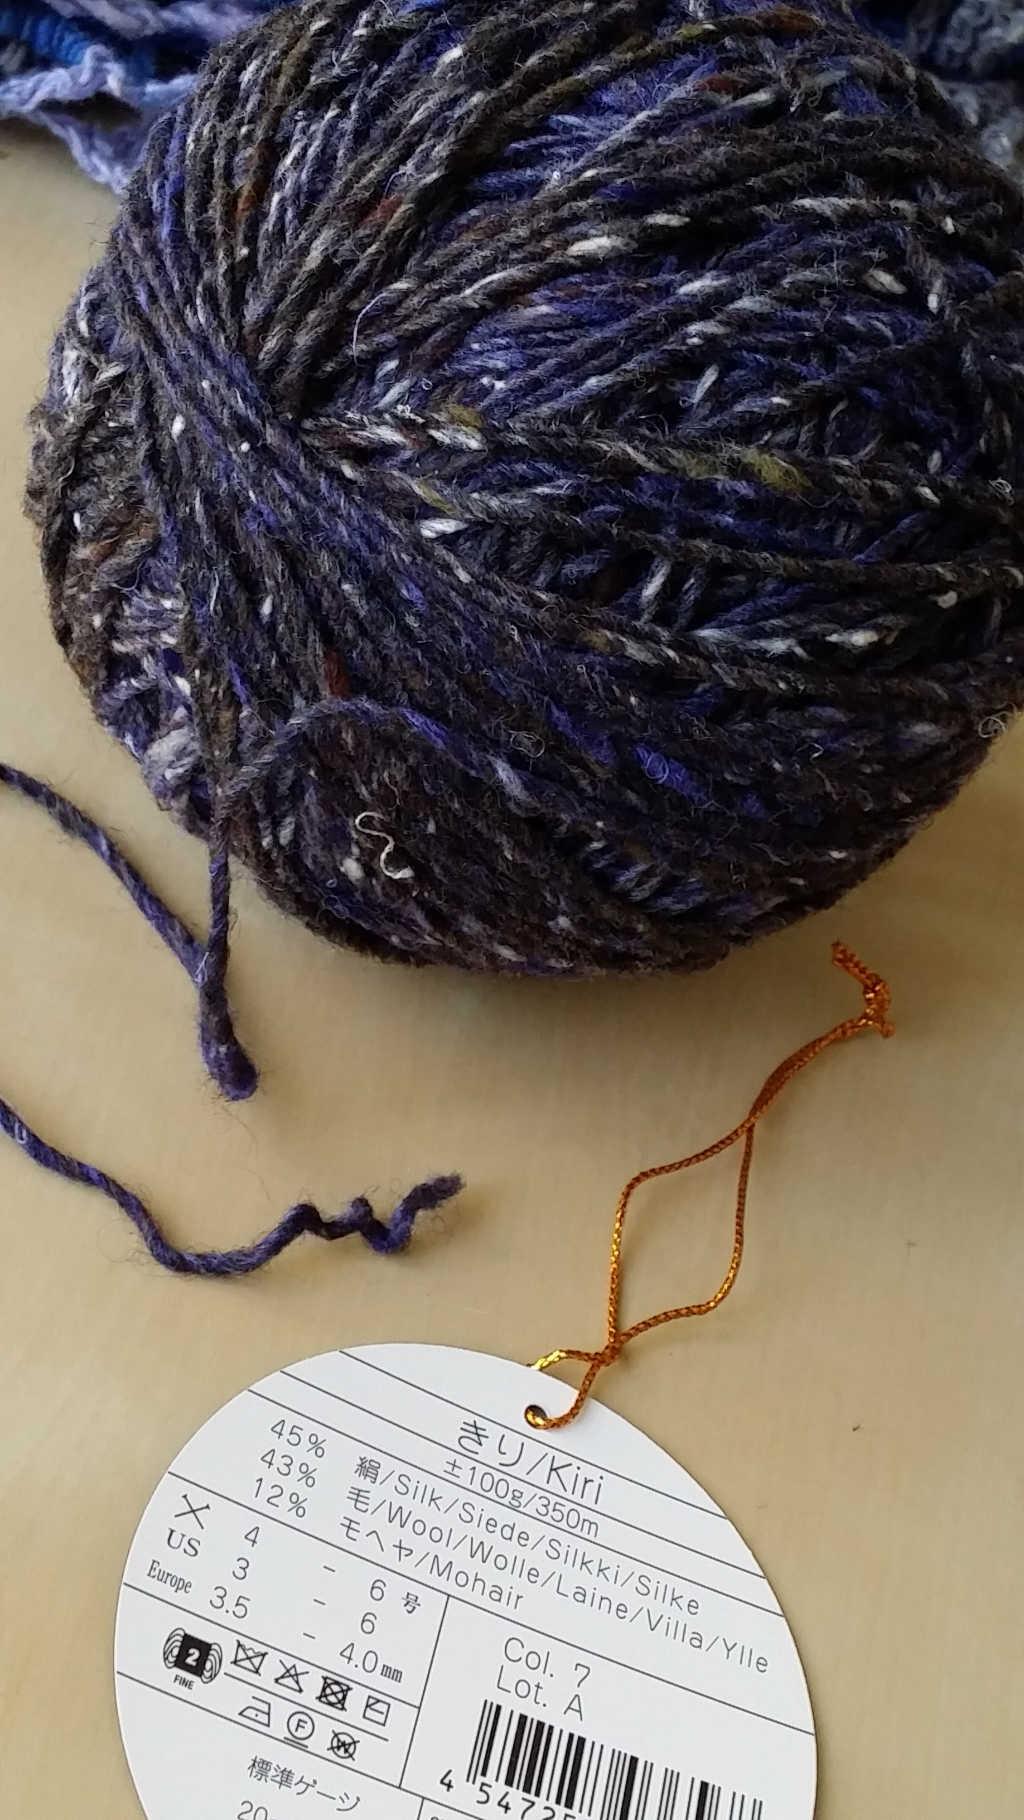 Die Noro Kiri in der Farbe 07 Blau mit Grau gewickelt mit dem Noroetikett auf der man die Materialzusammensetzung lesen kann: Seide, Wolle, Mohair. Foto: Katrin Walter - Noromaniac